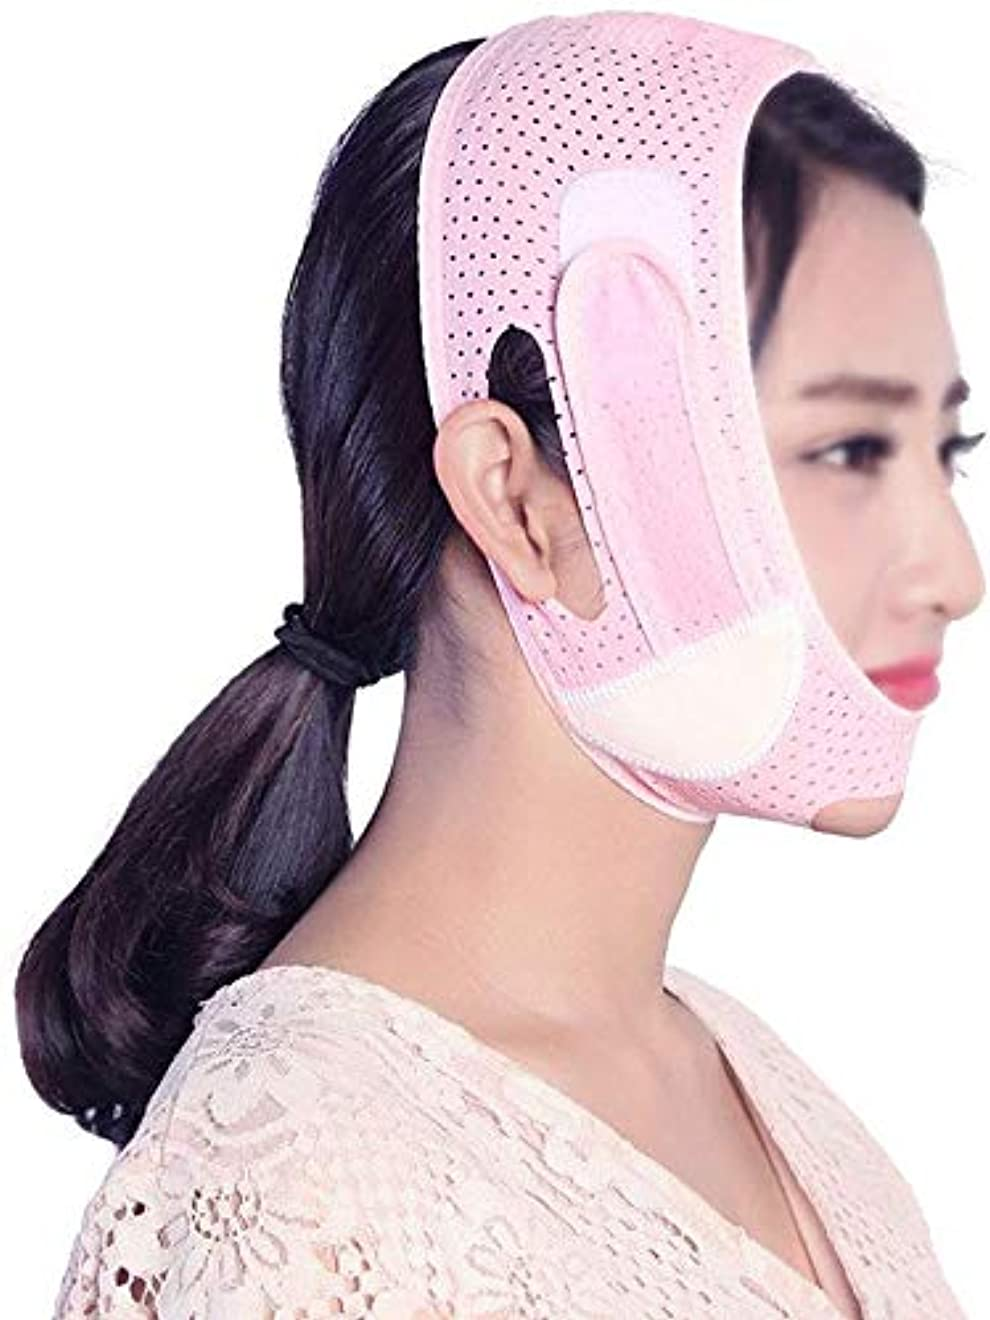 リテラシー敬の念実際の美容と実用的なフェイスリフトマスク、スモールVフェイスバンデージシェーピングマスクリフトフェイスファーミングアーティファクトによるダブルフェイス